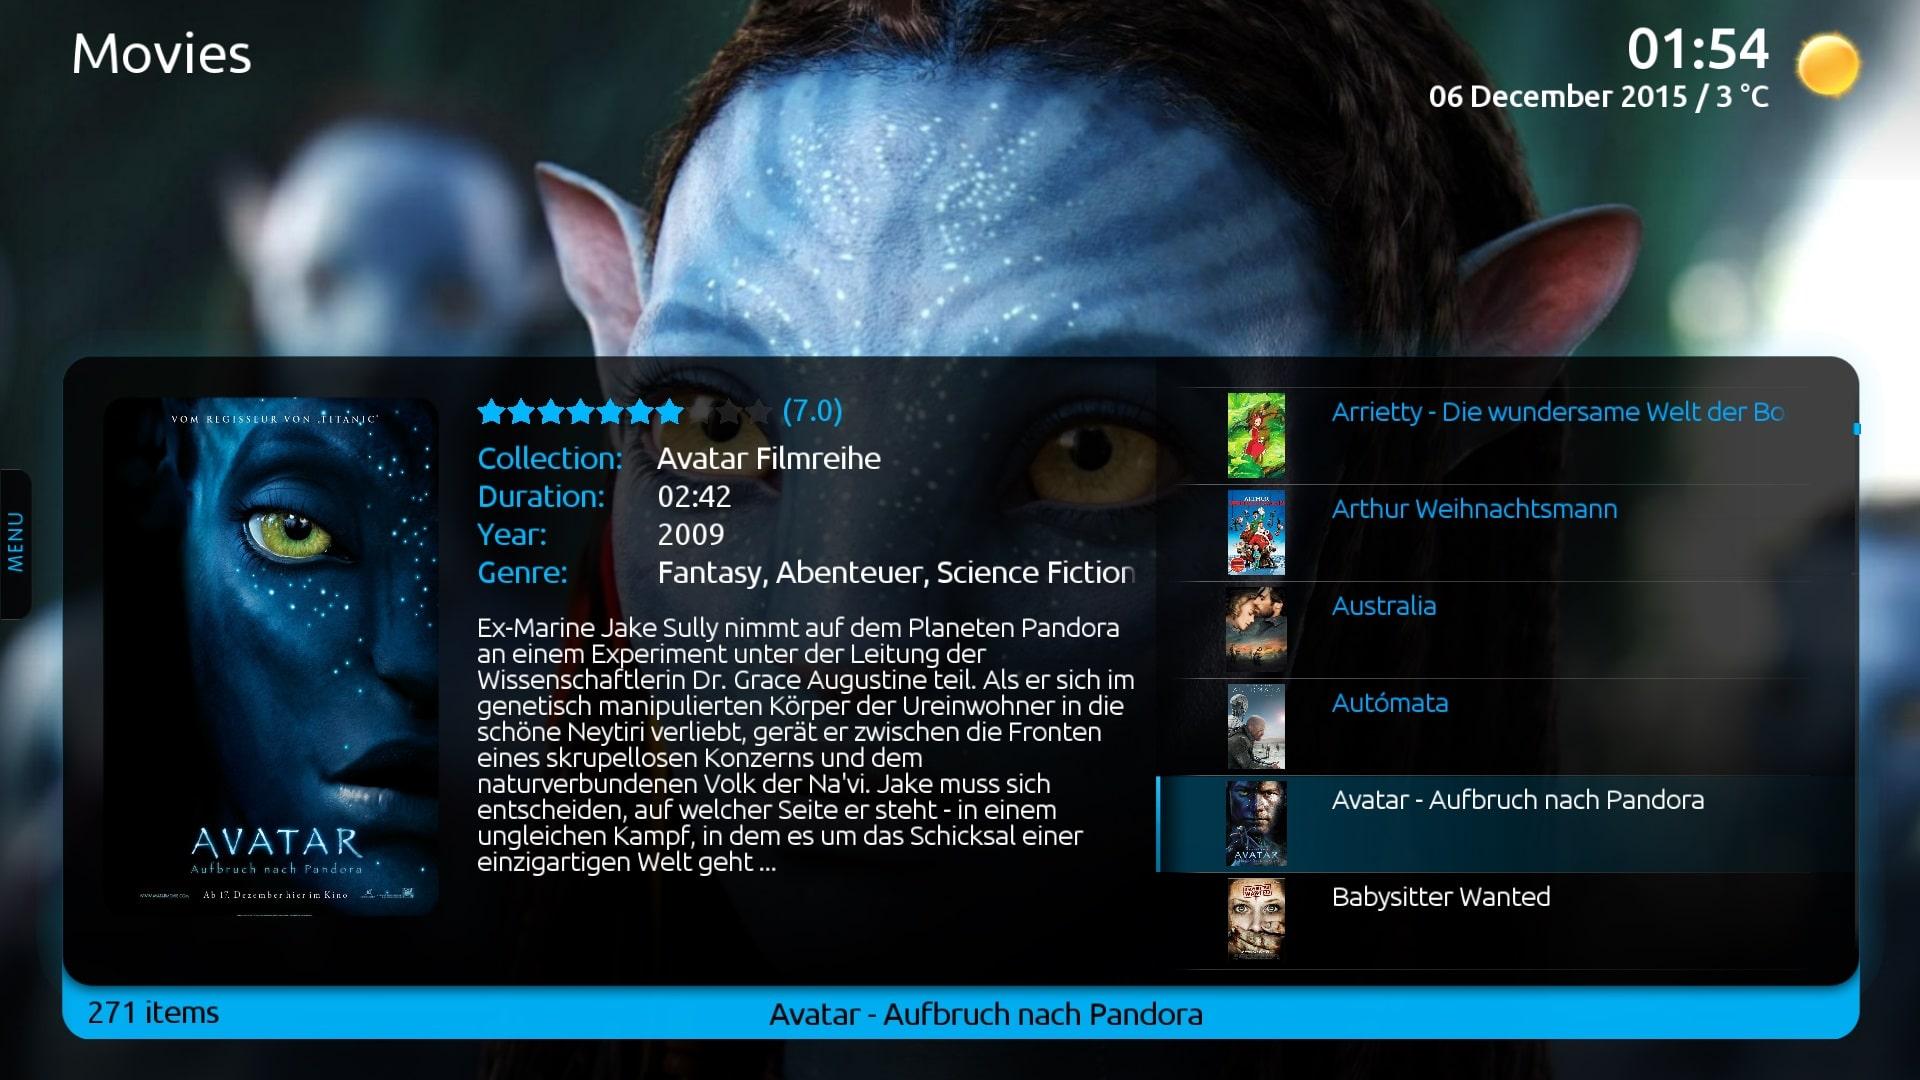 MovieListLarge.jpg